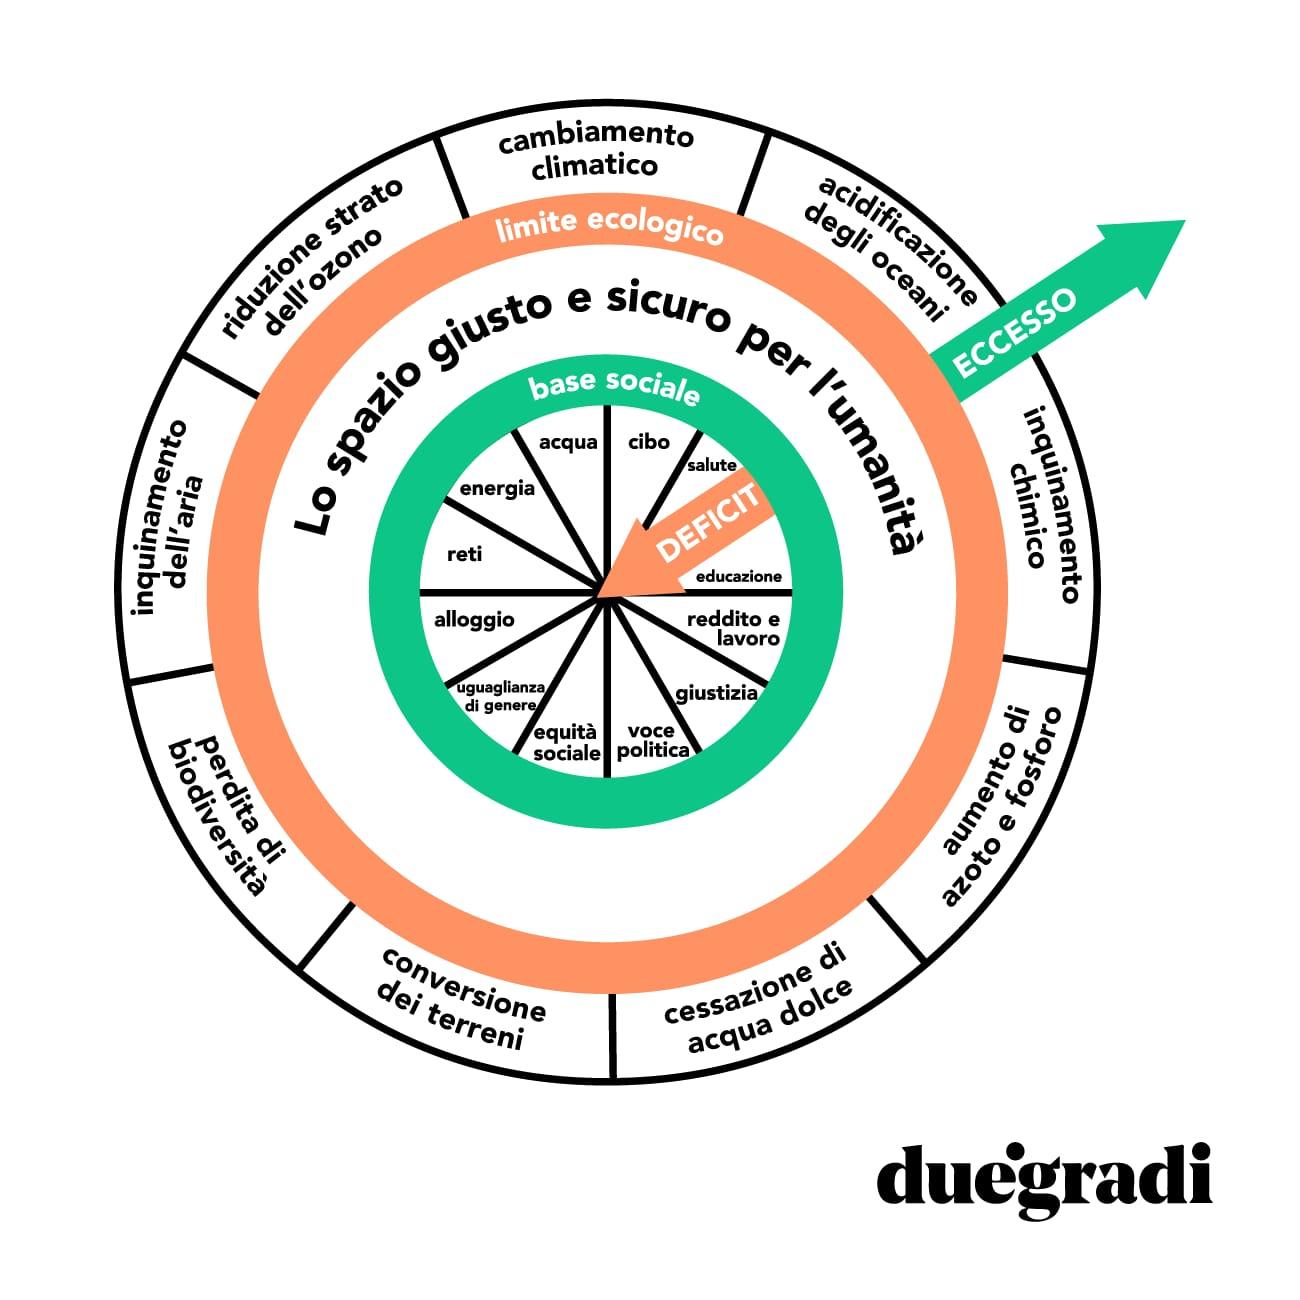 L'economia della ciambella: grafico